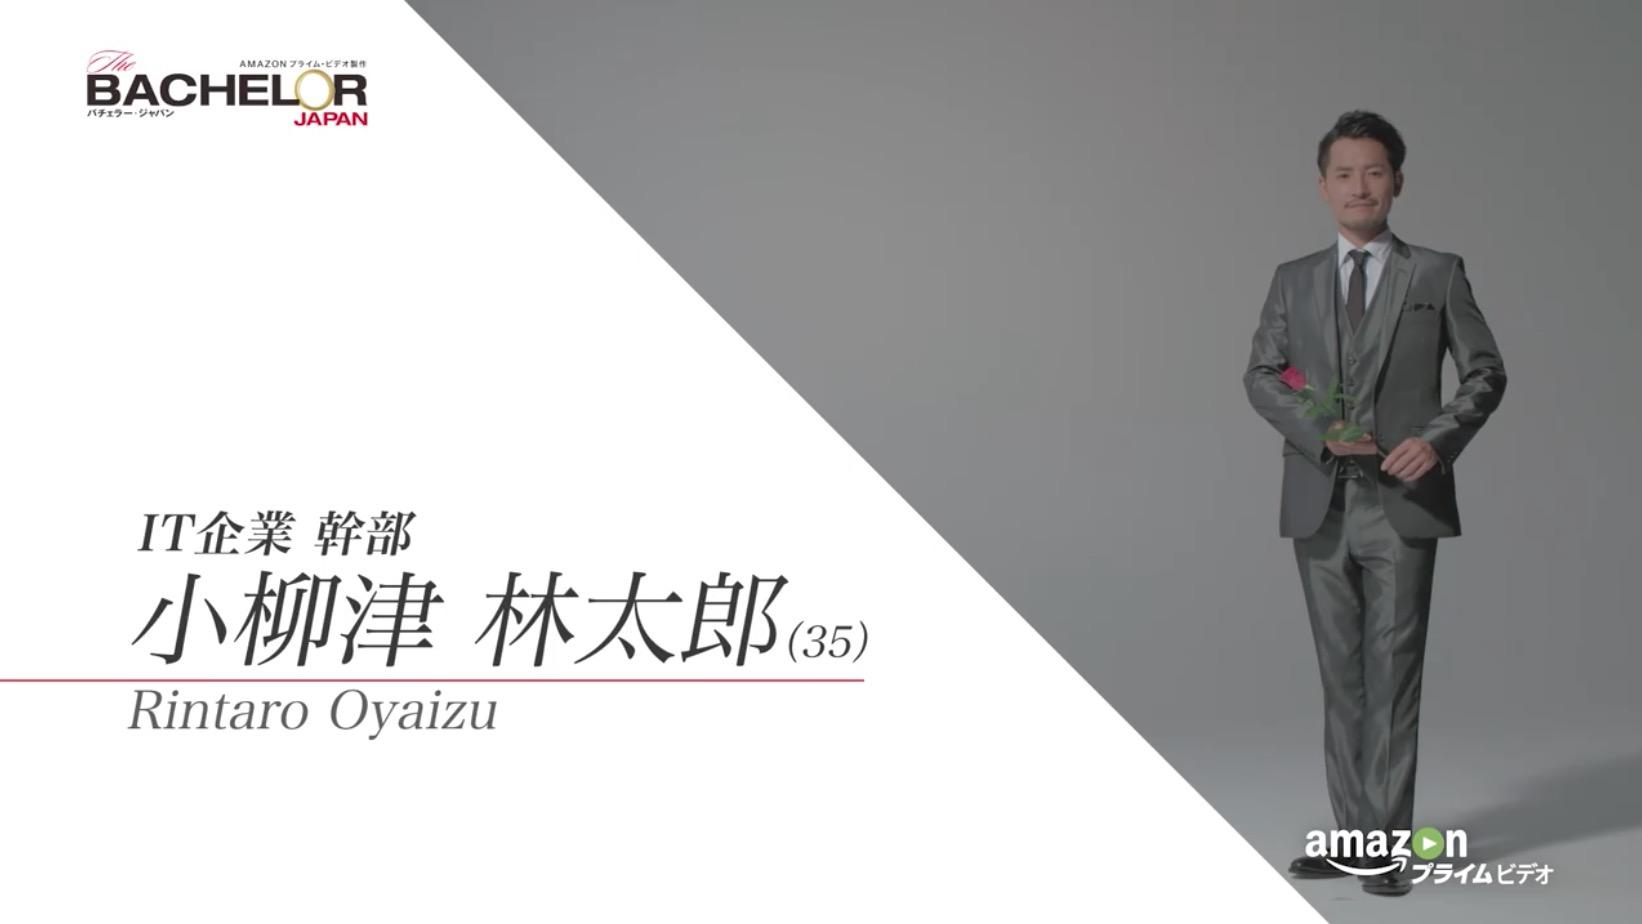 Rintaro Oyaizu Profile | GHOST OFFICIAL HP